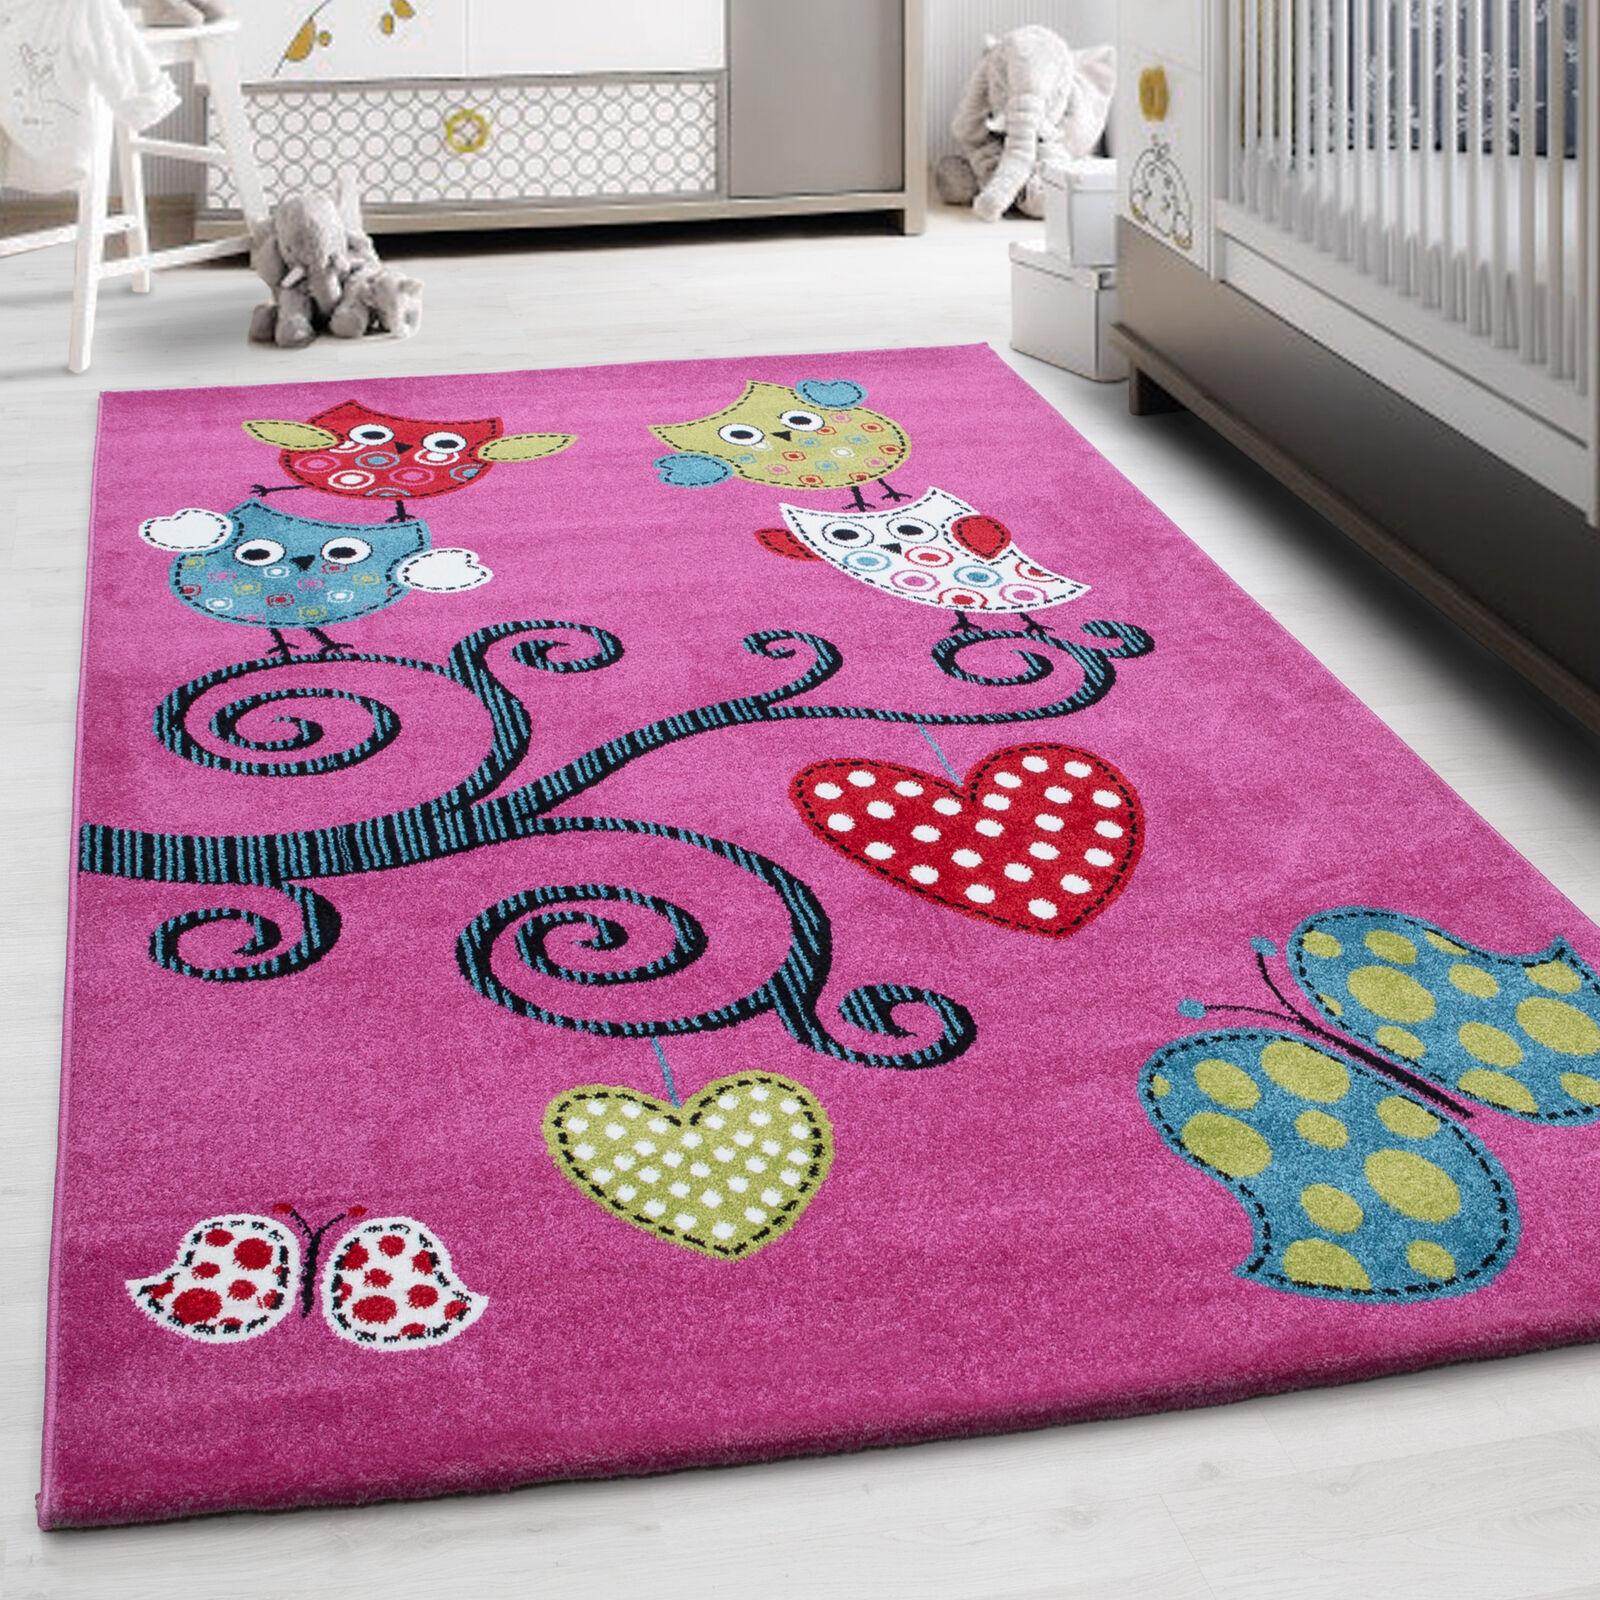 Kinderteppich Kinderzimmer Bunt Niedliche Eulen Schmetterling Herz Muster Pink